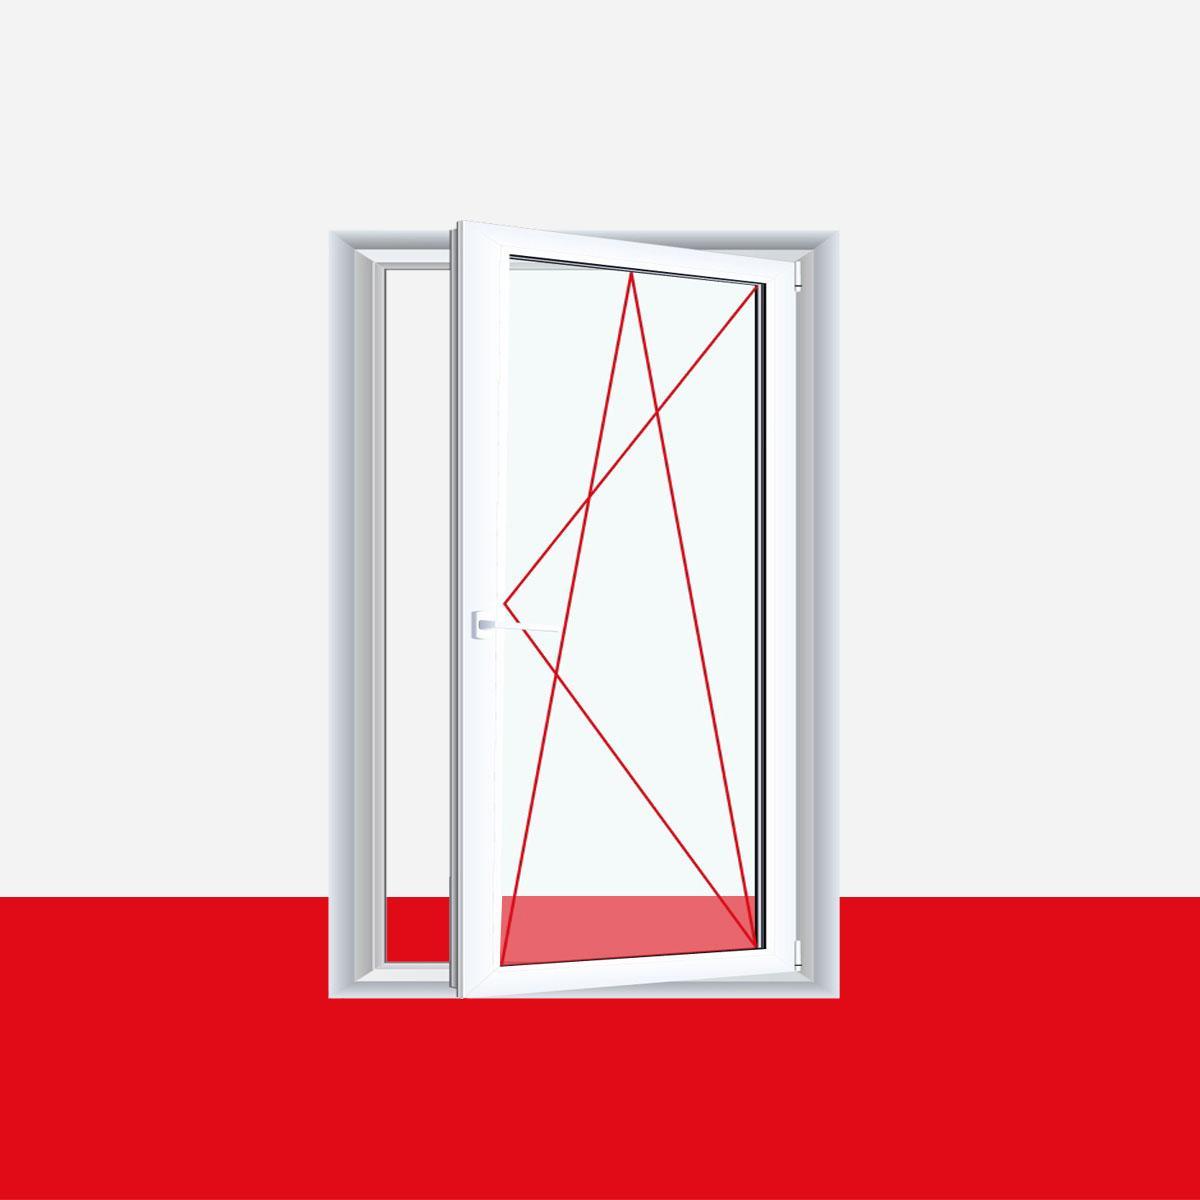 Full Size of Fenster 120x120 Milchglas 1 Flg Dreh Kipp Kunststofffenster Ornament Dänische Kaufen In Polen Gardinen Günstig Einbruchsicher Anthrazit Winkhaus Velux Fenster Fenster 120x120